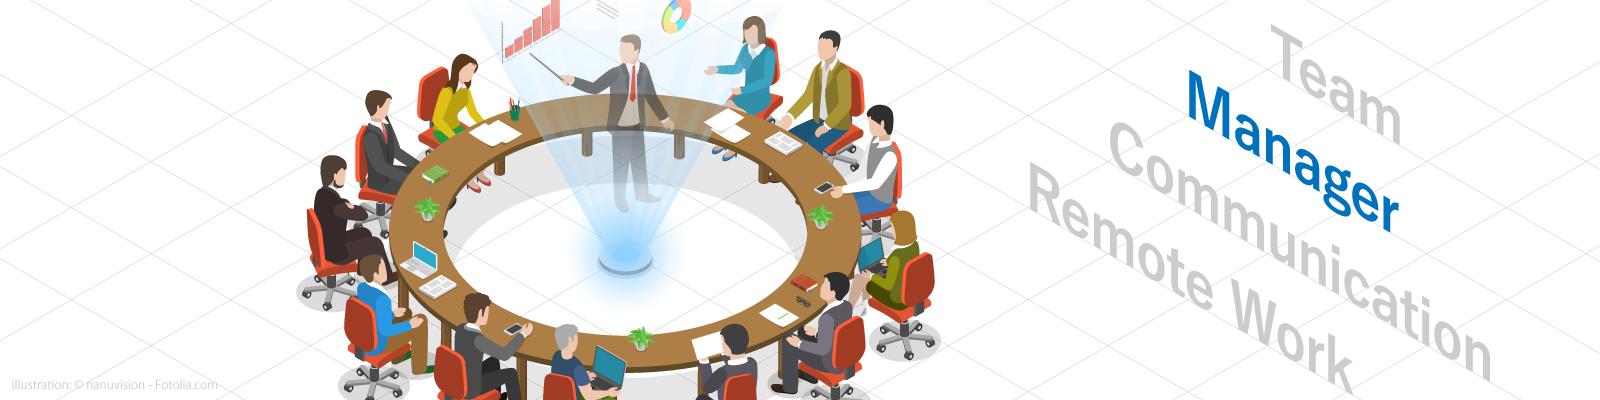 チーム マネージャー コミュニケーション リモートワーク イメージ